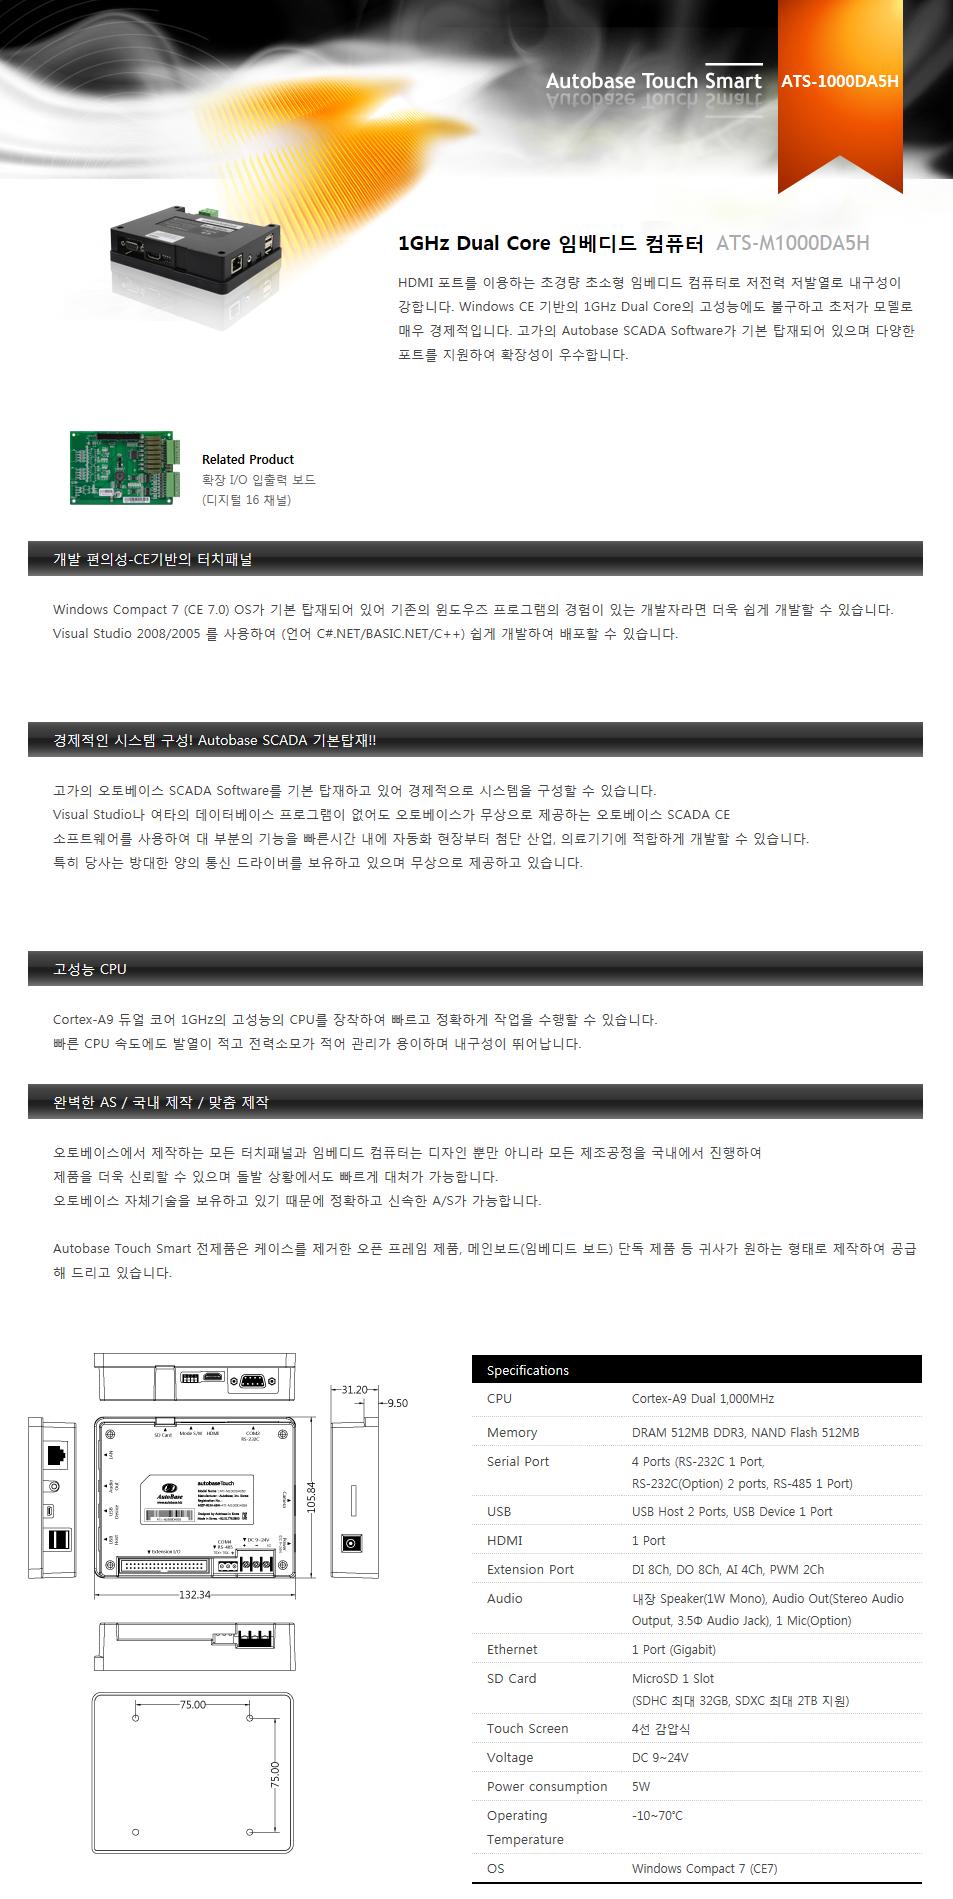 (주)오토베이스 1GHz Dual Core 임베디드 컴퓨터 ATS-M1000DA5H 1